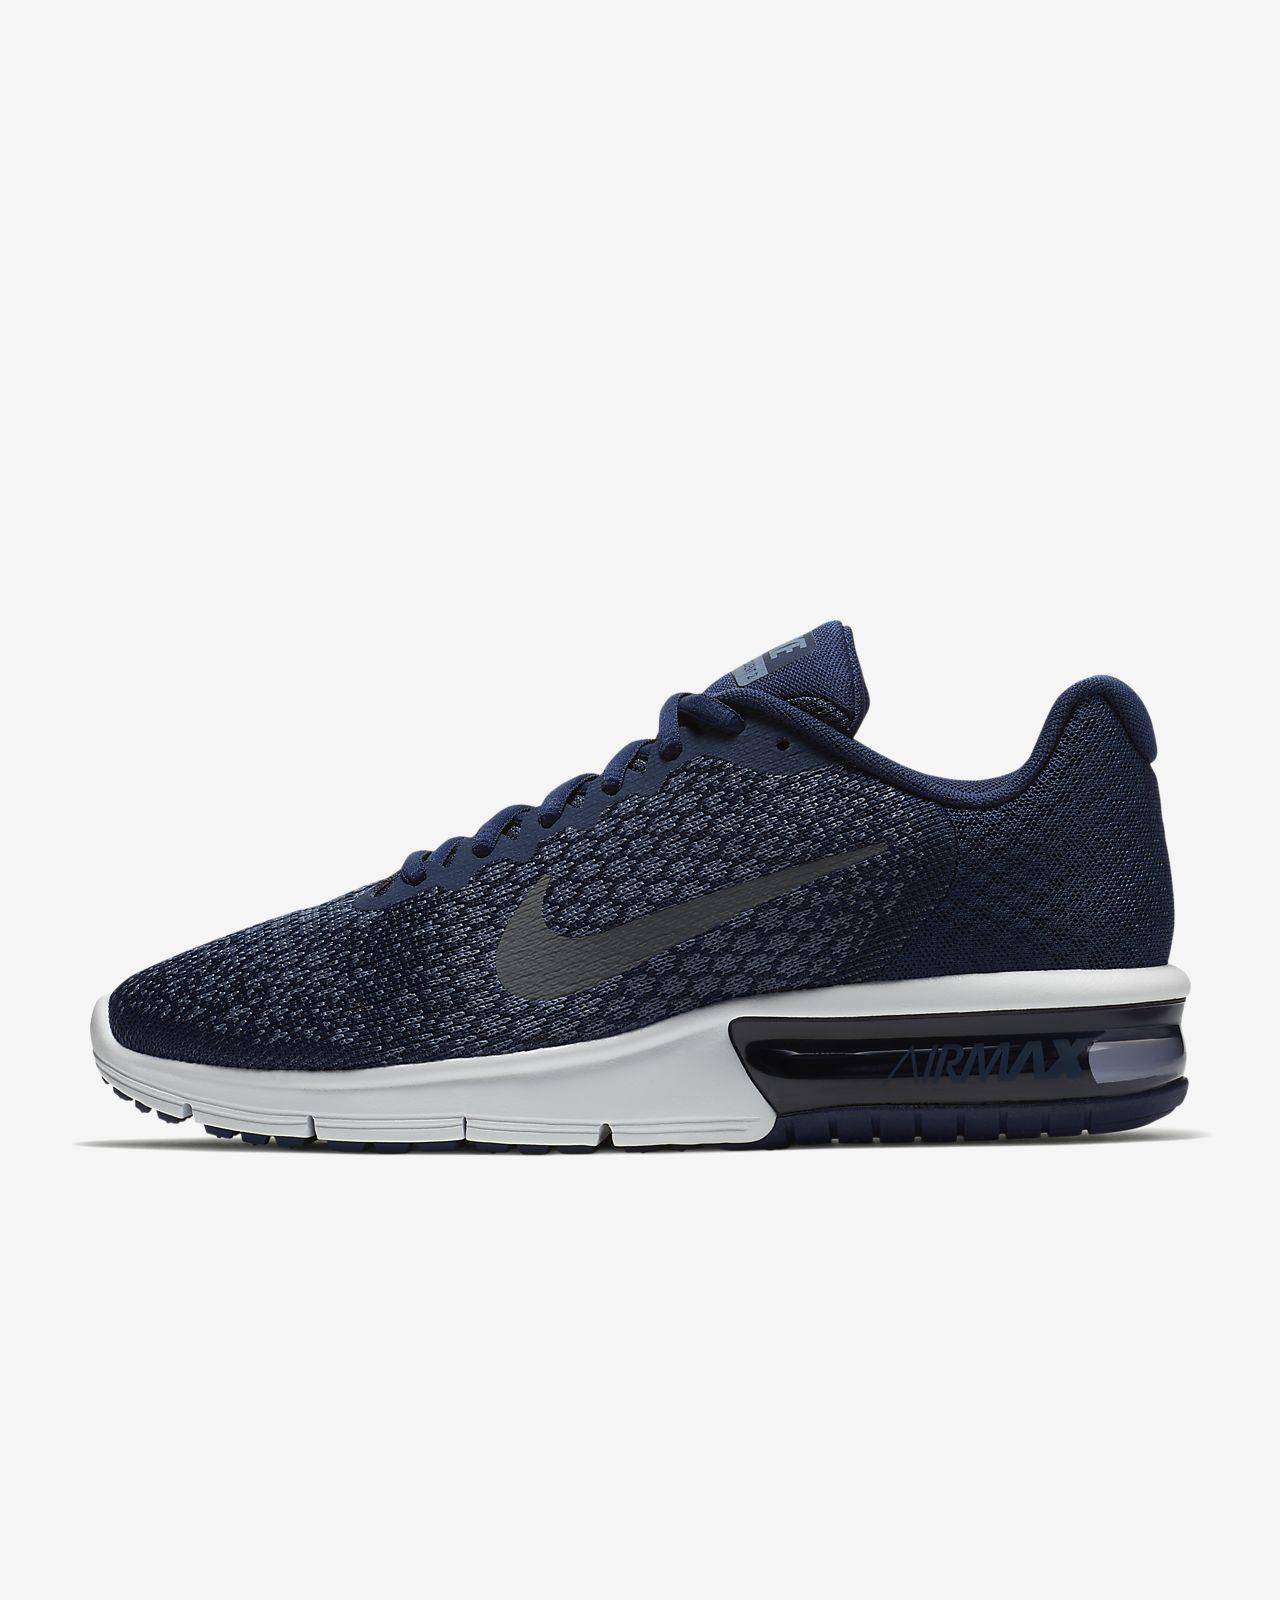 free shipping 8f86b 7e104 ... Nike Air Max Sequent 2 Erkek Ayakkabısı